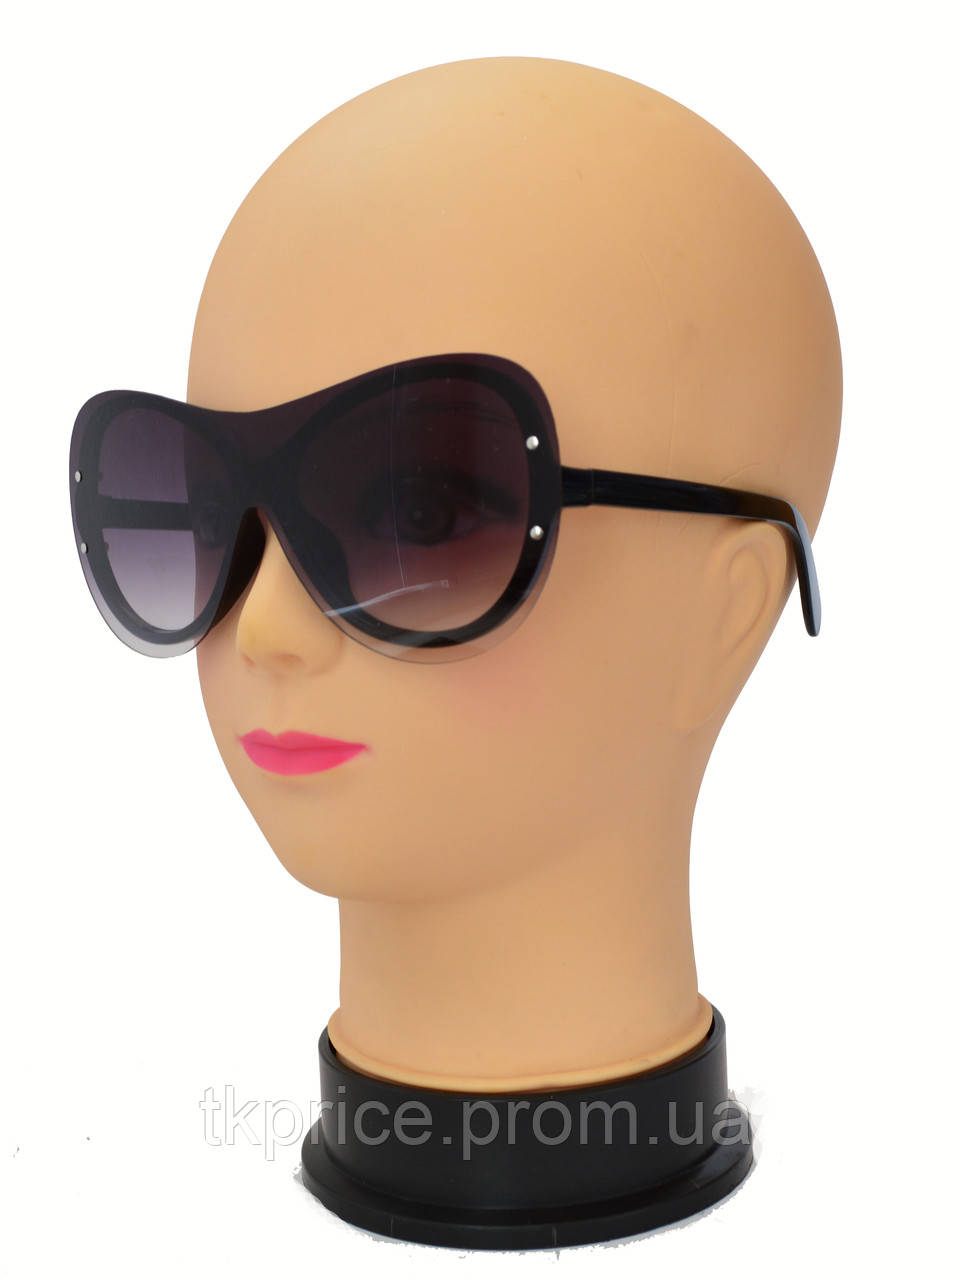 Женские солнцезащитные очки 109 сонцезахисні окуляри